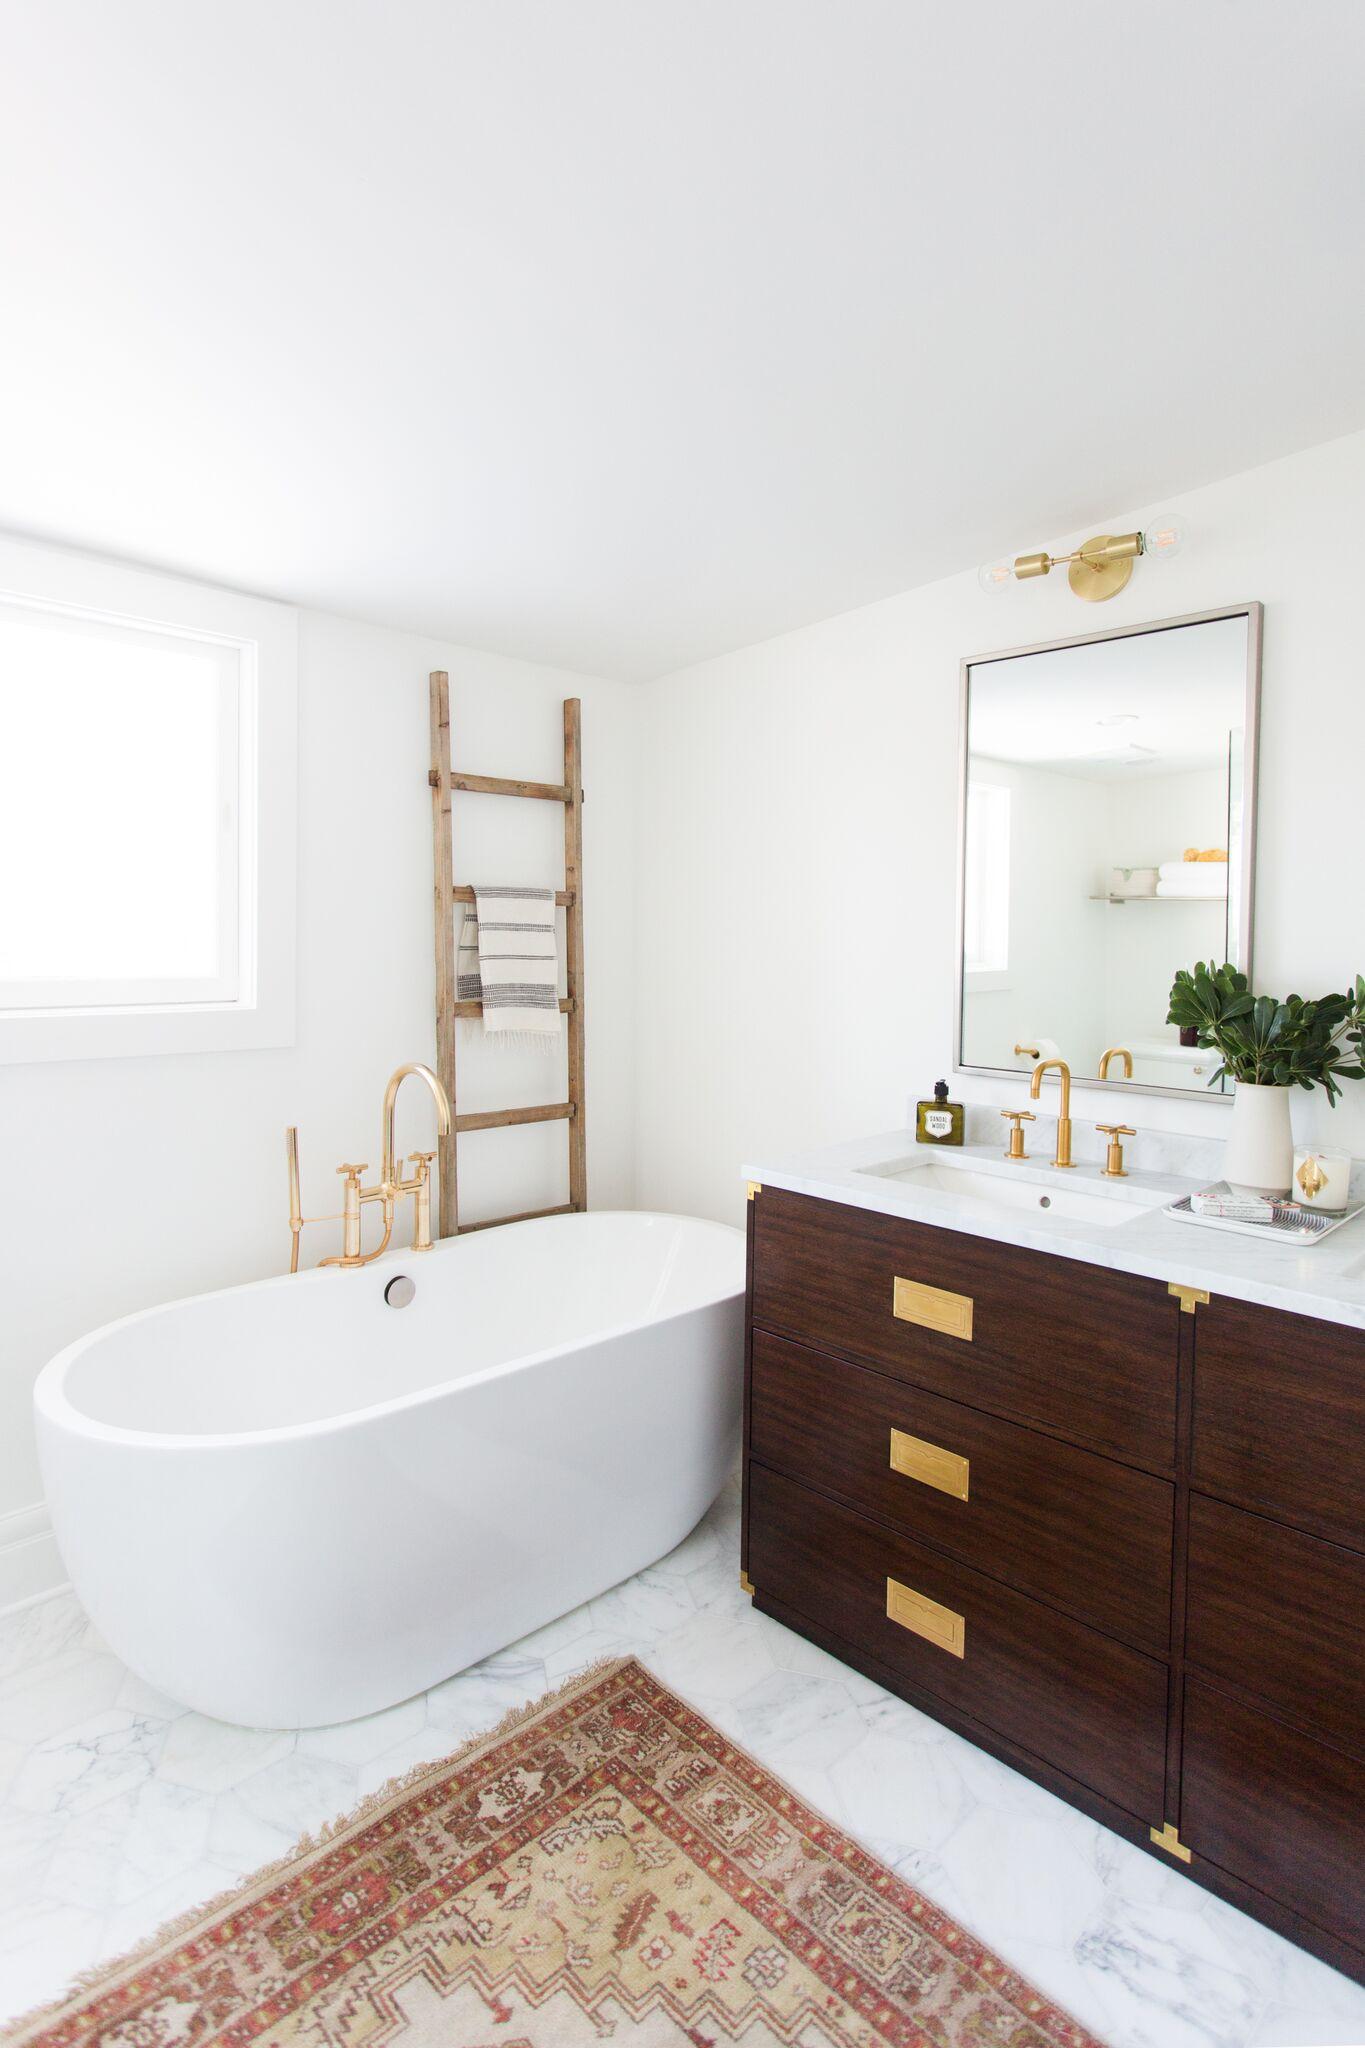 vrijstaand-bad-klassieke-badkamer